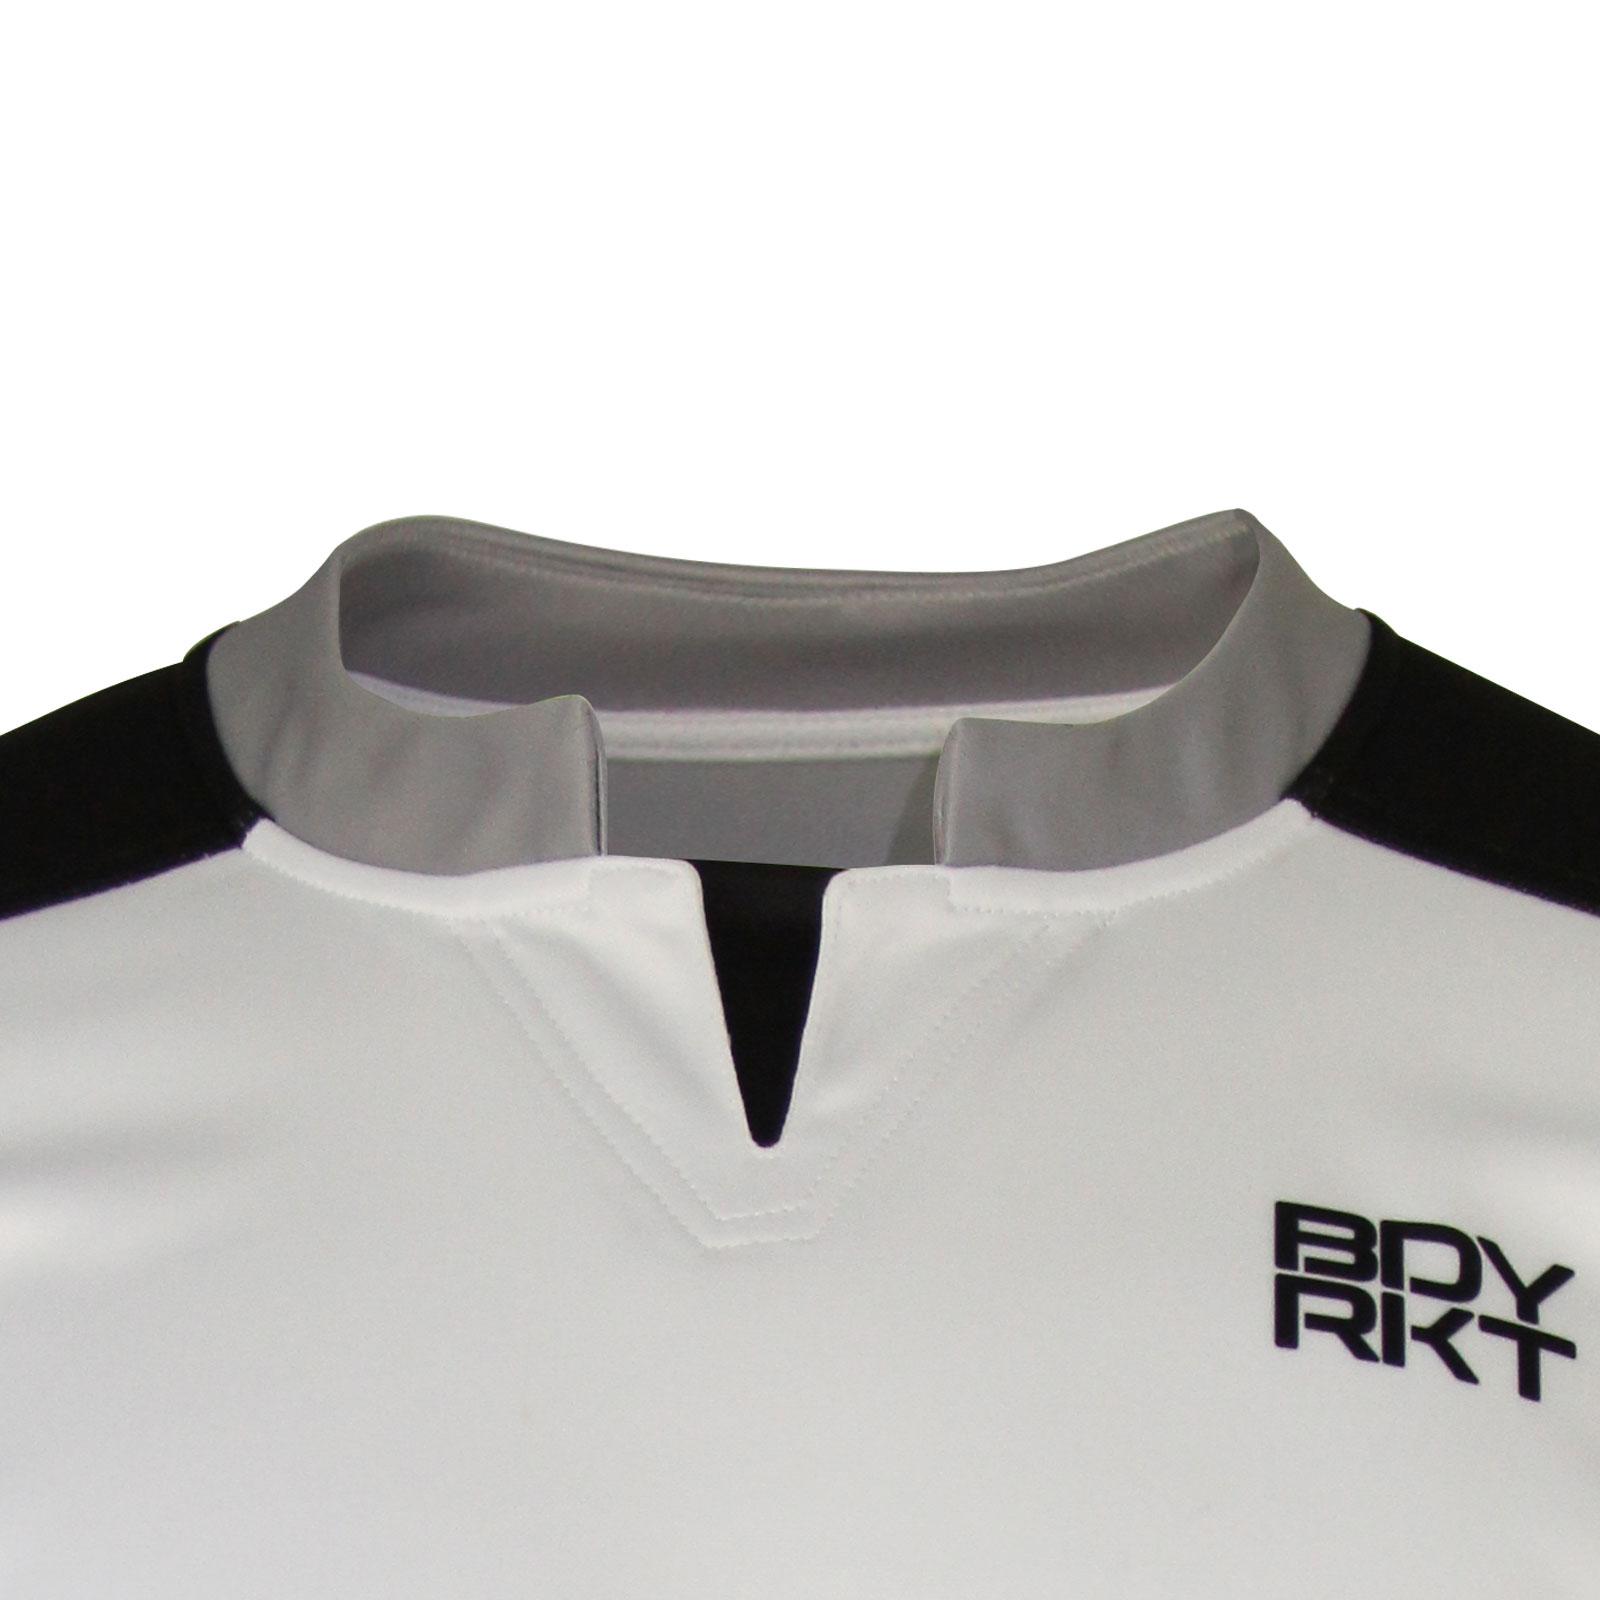 Bdyrkt Switch Rugby Jersey Collar